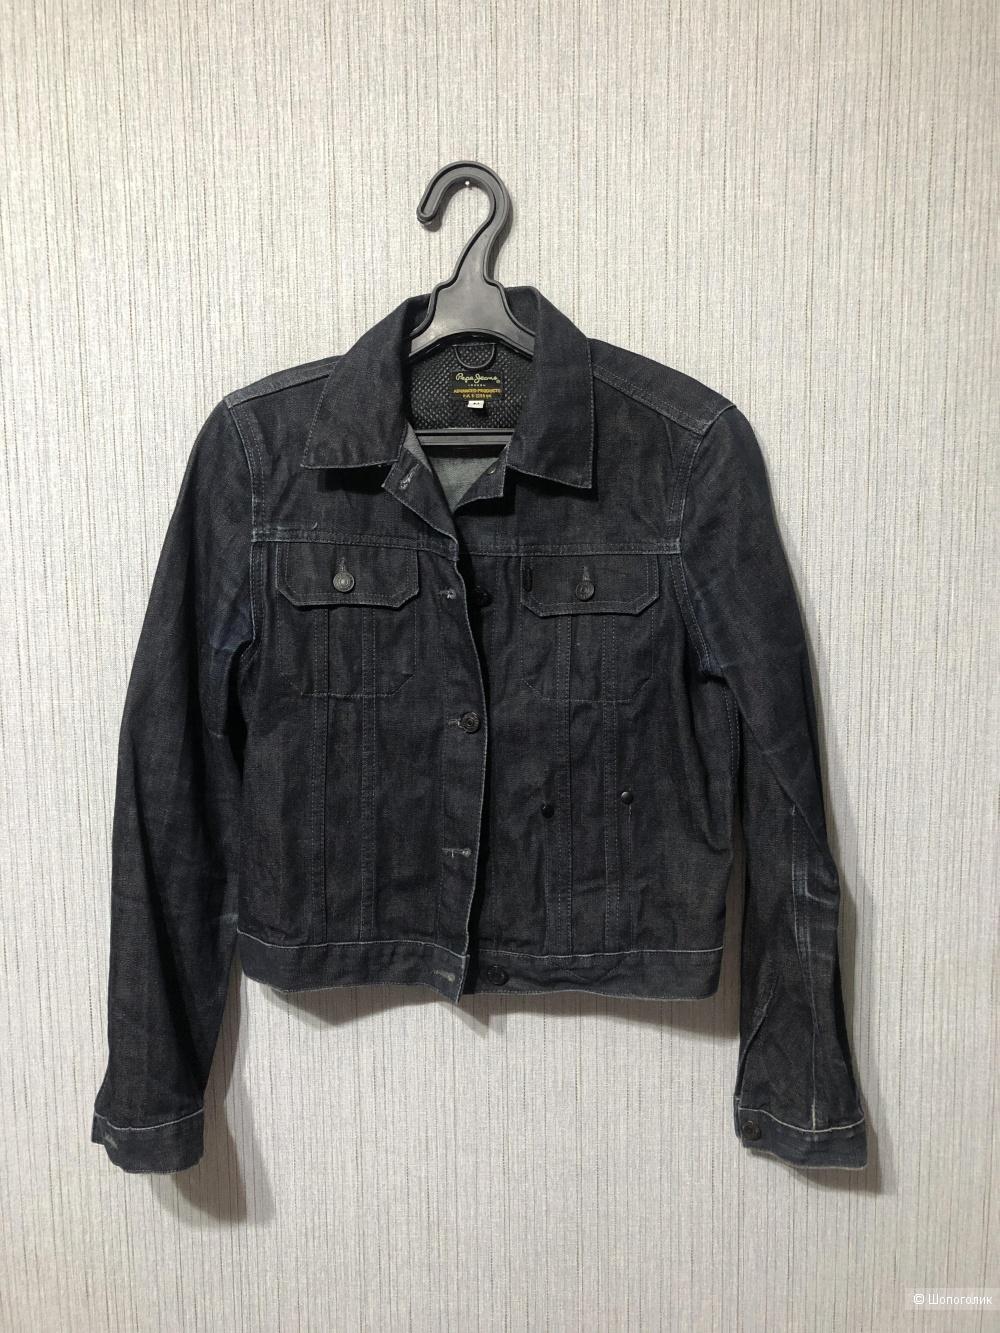 Куртка Pepe Jeans размер S/M